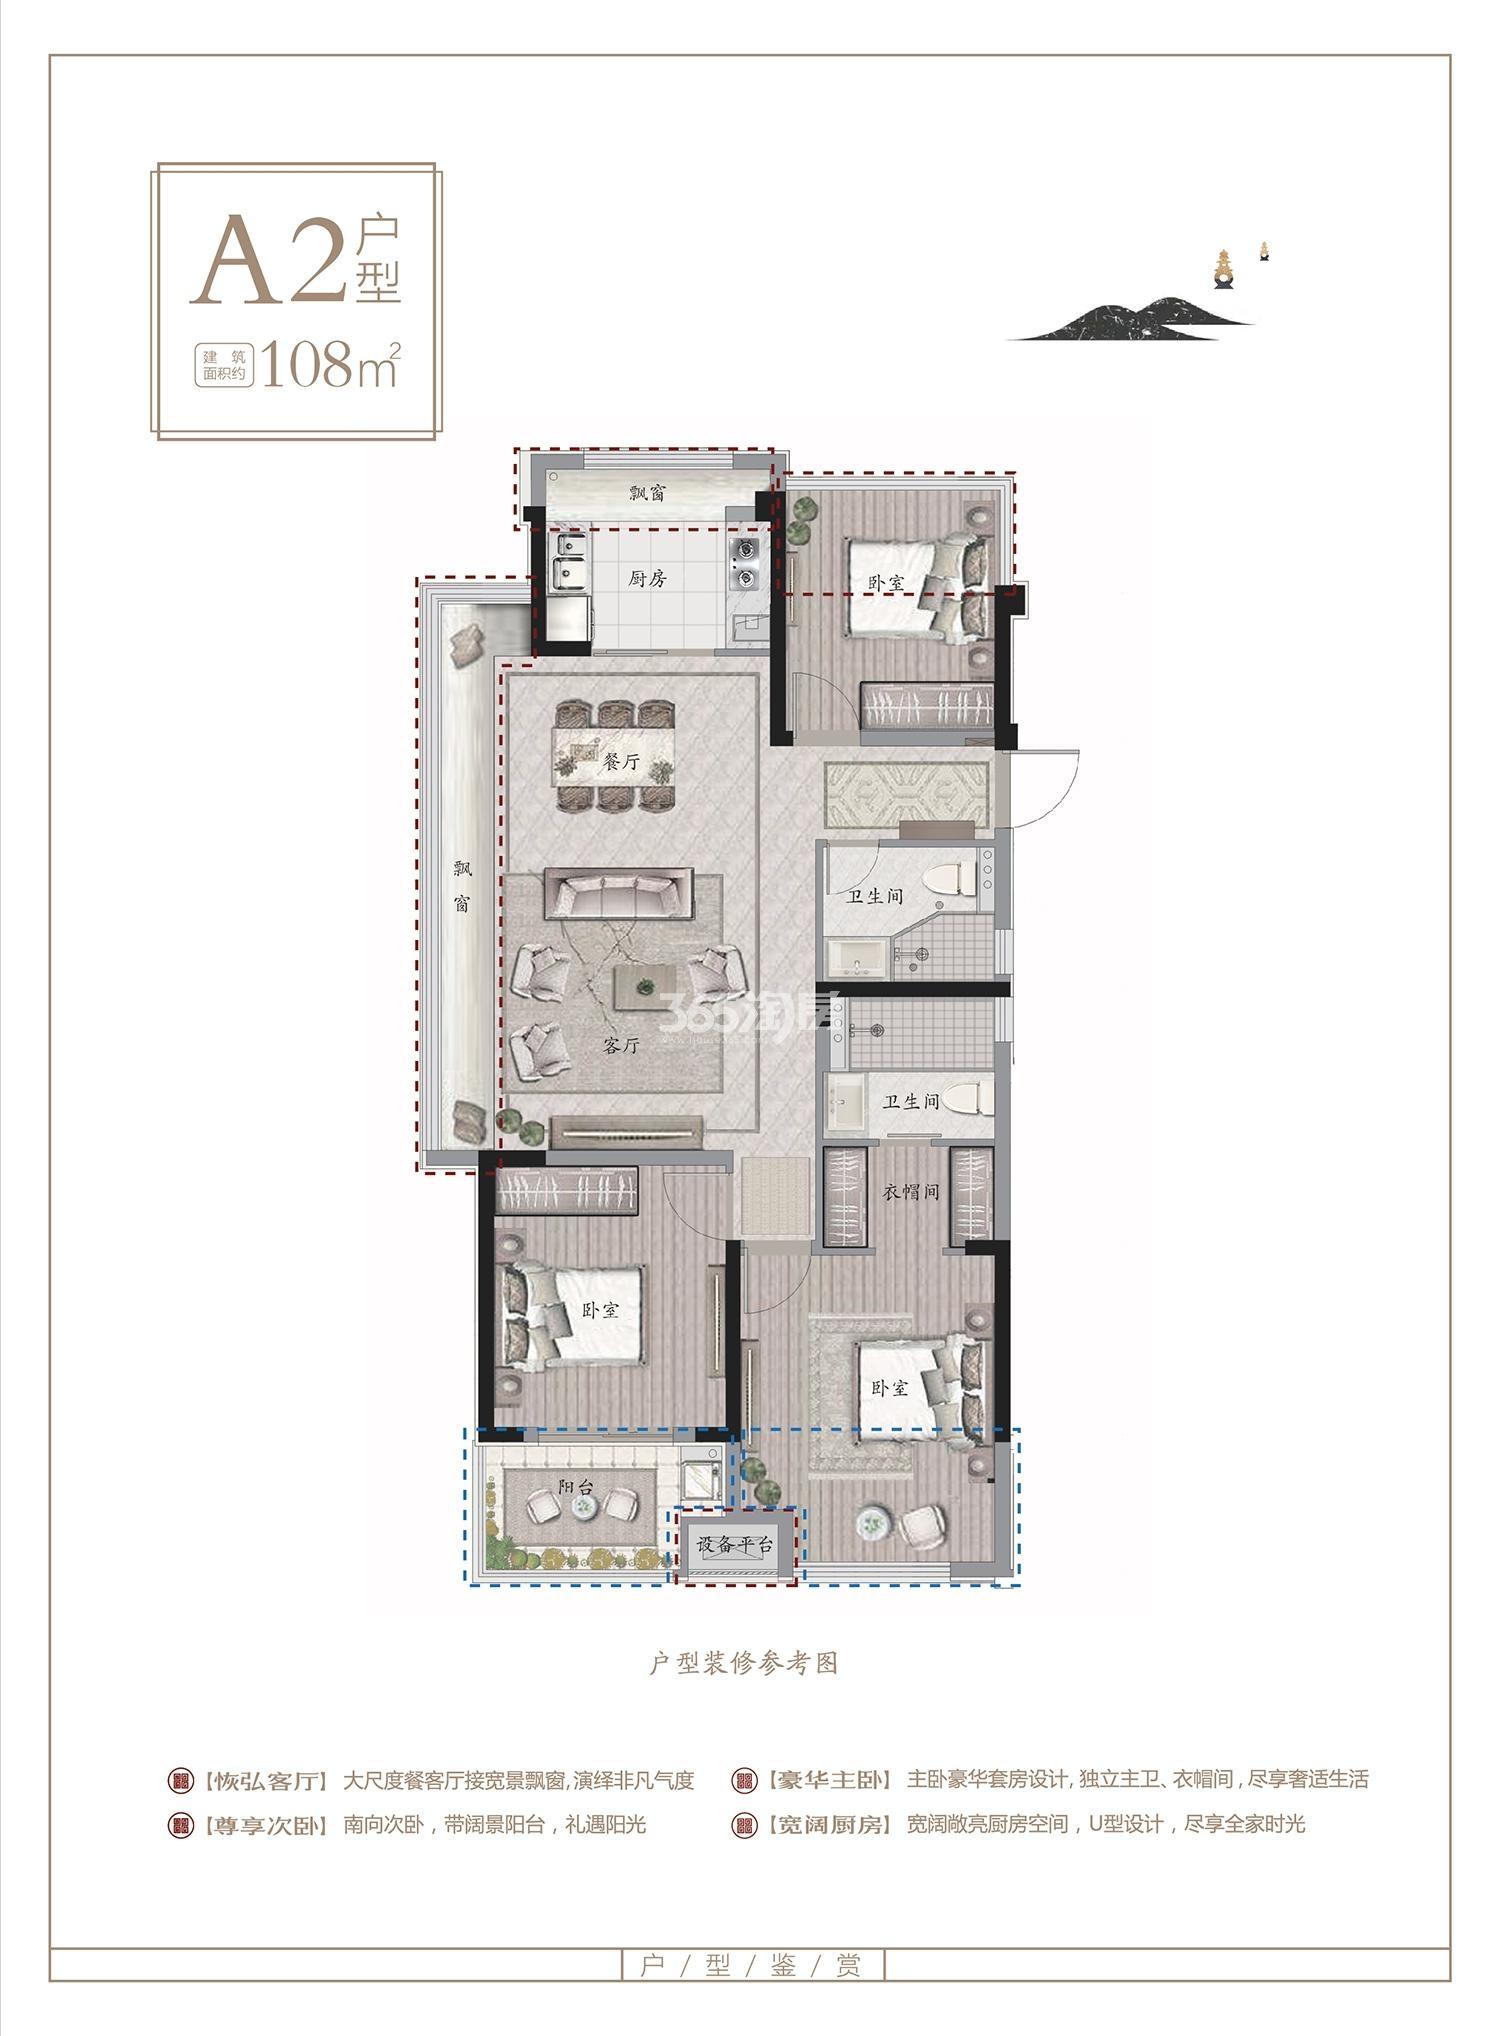 北城芳满庭高层10-13、16、17、20、21、23-25号楼边套A2户型 约108㎡